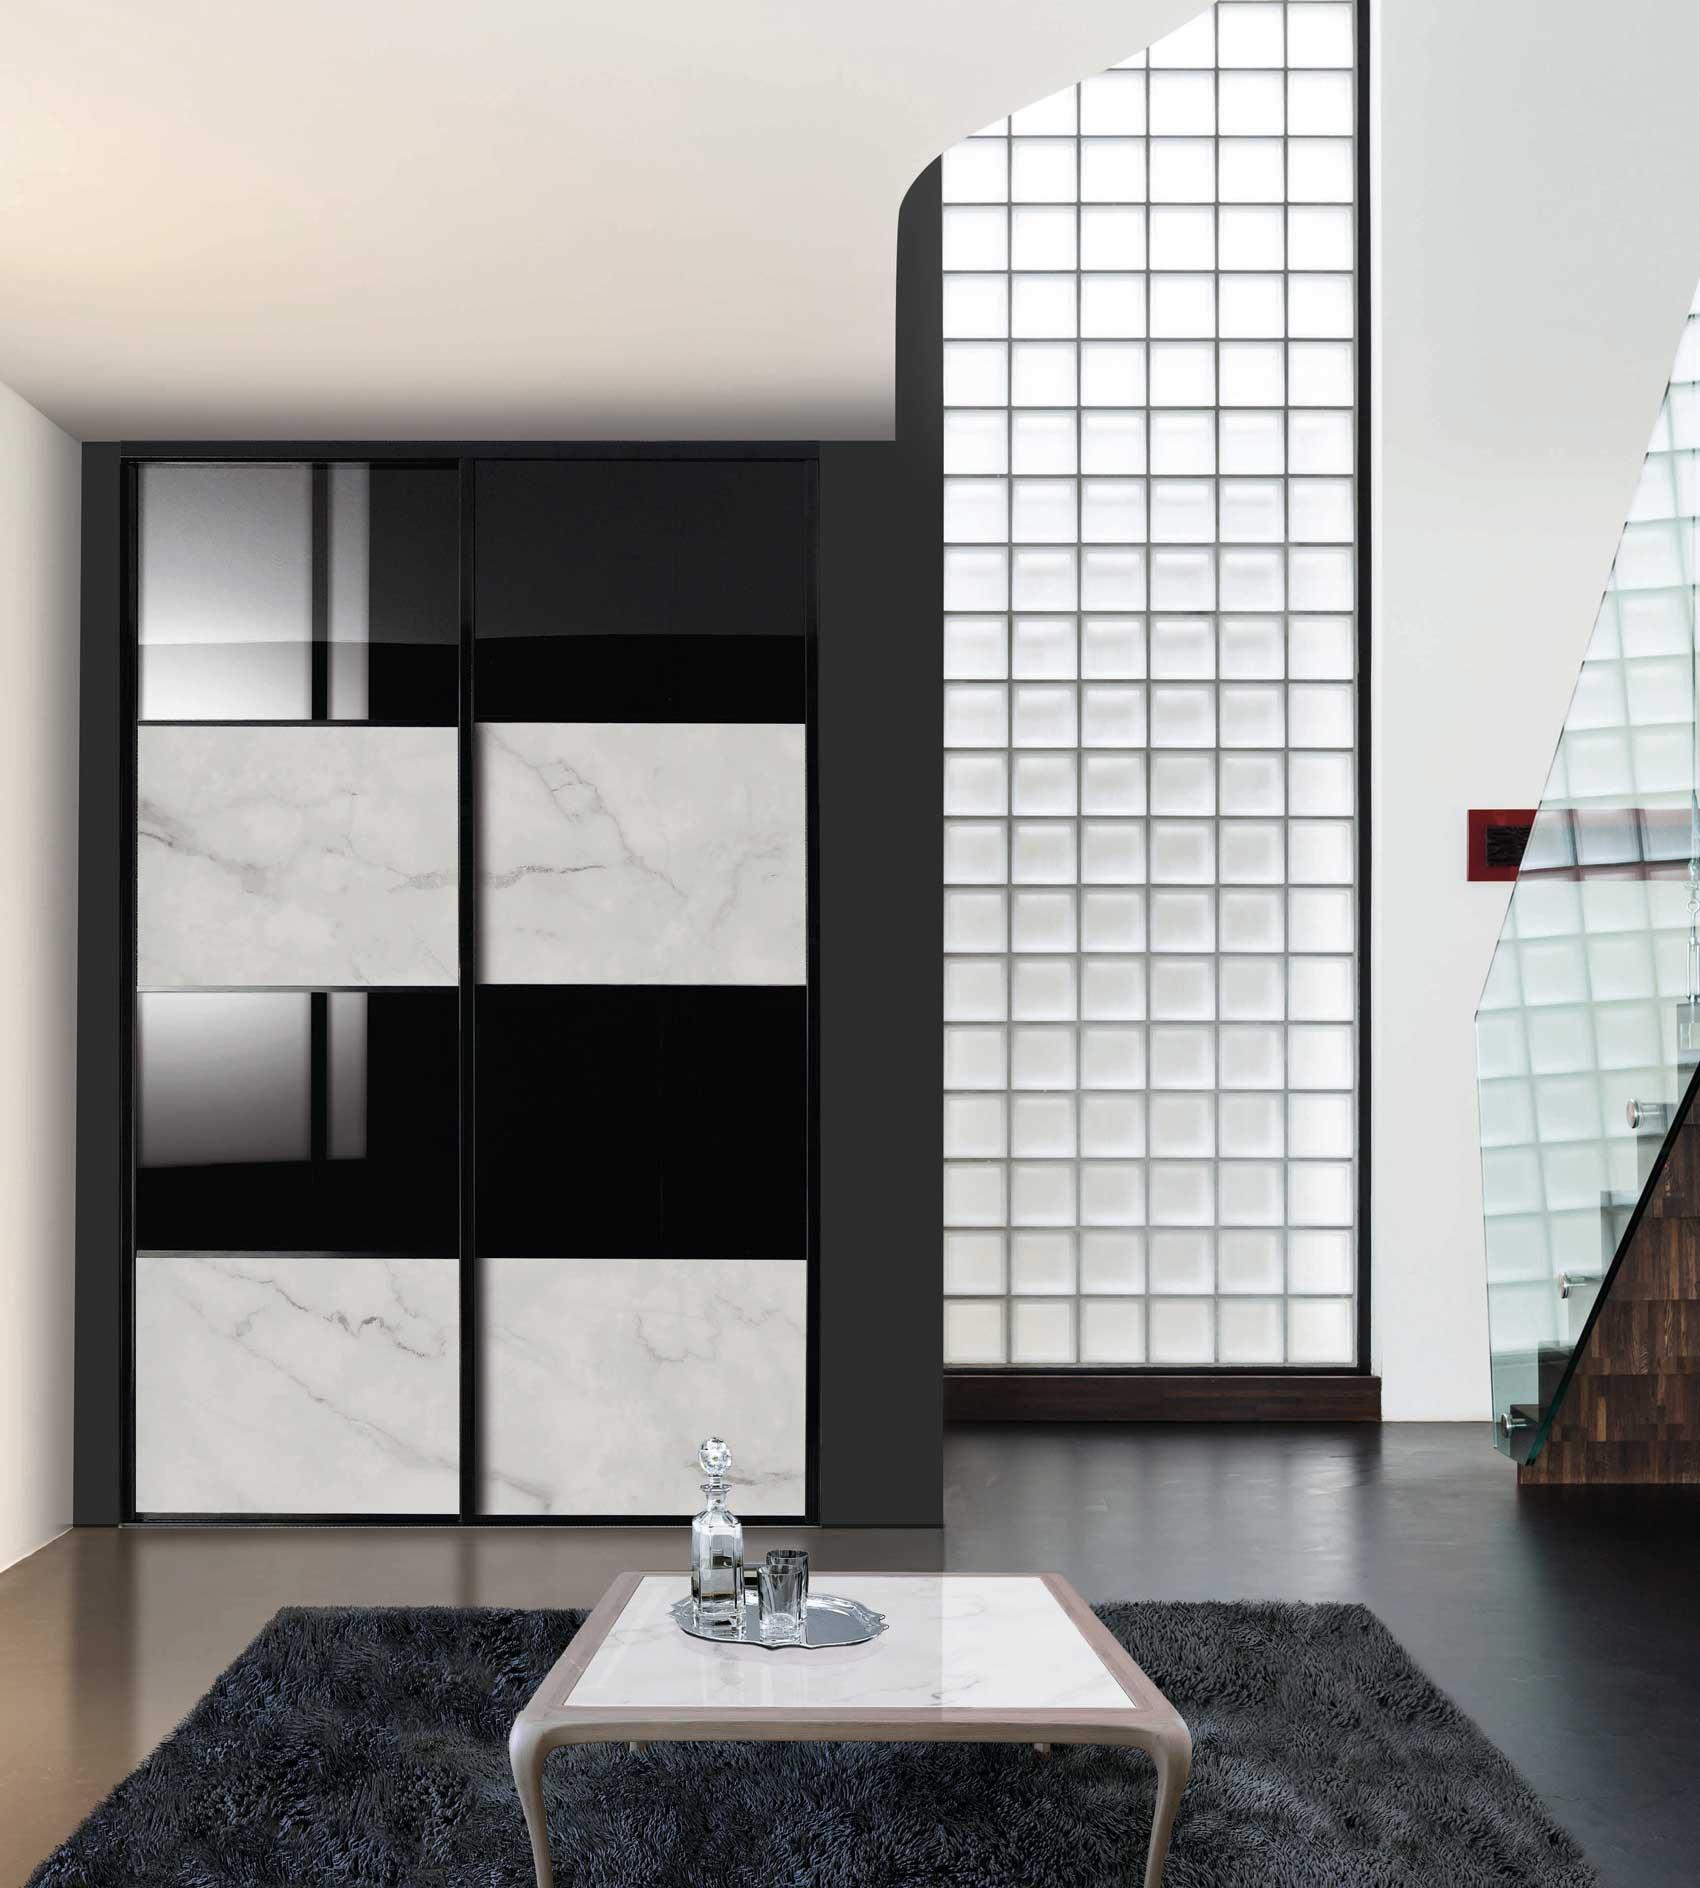 Facade-sillage-quadro-traverse-H15-VL-no